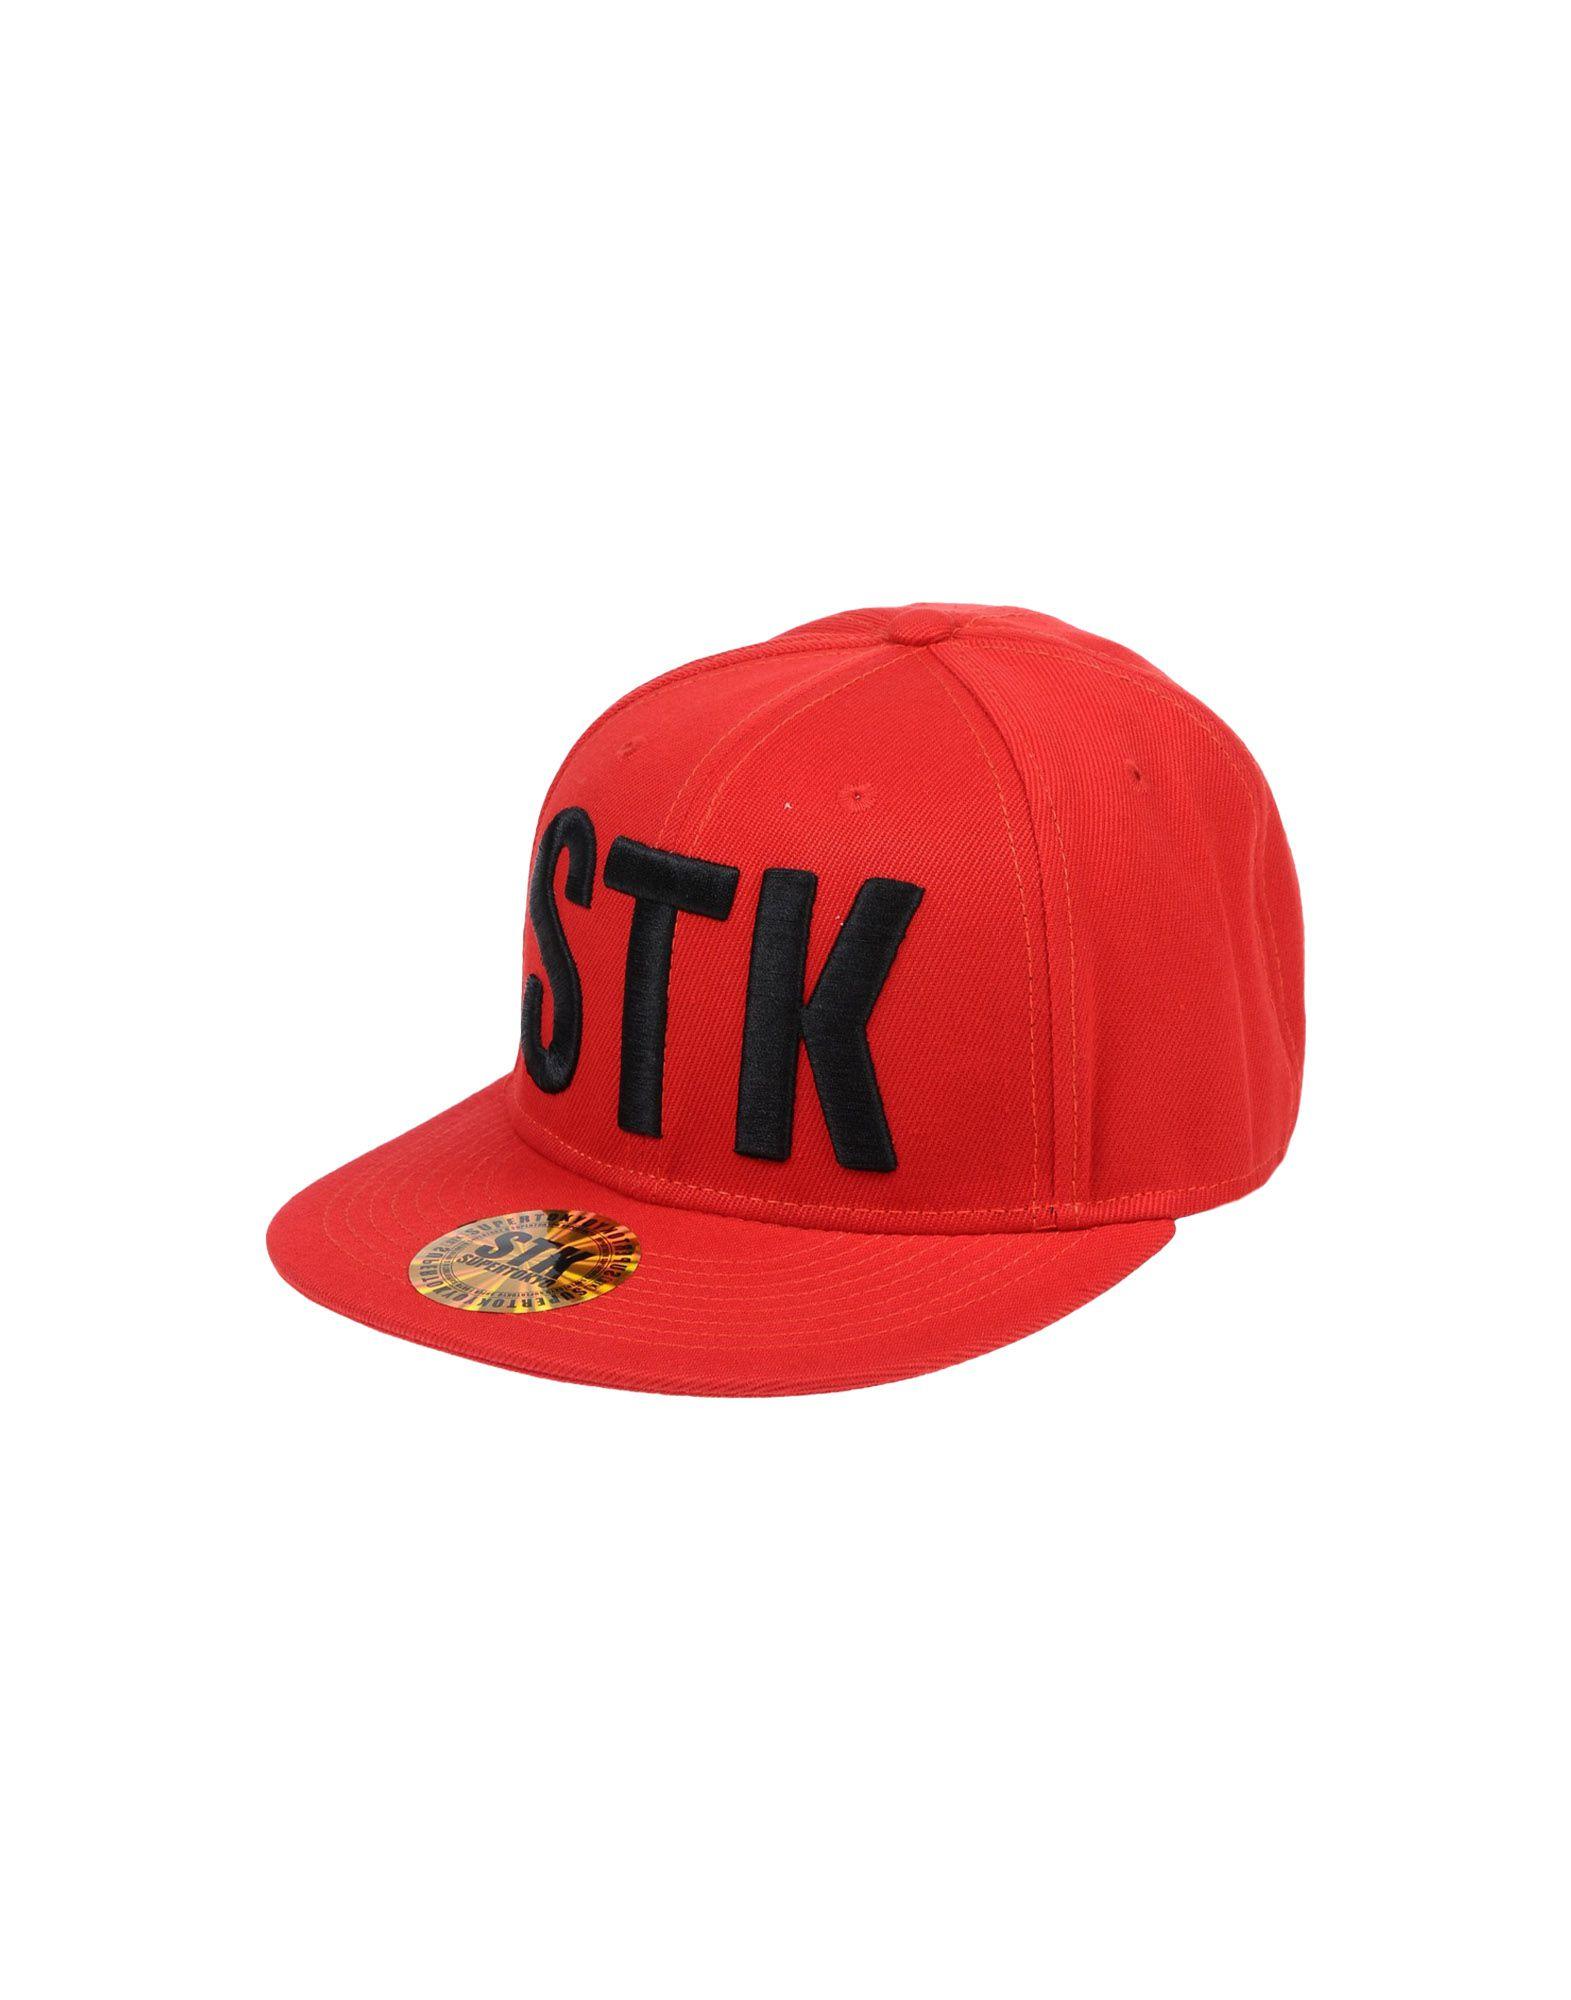 ACCESSORIES - Hats STK Supertokyo f79xp0